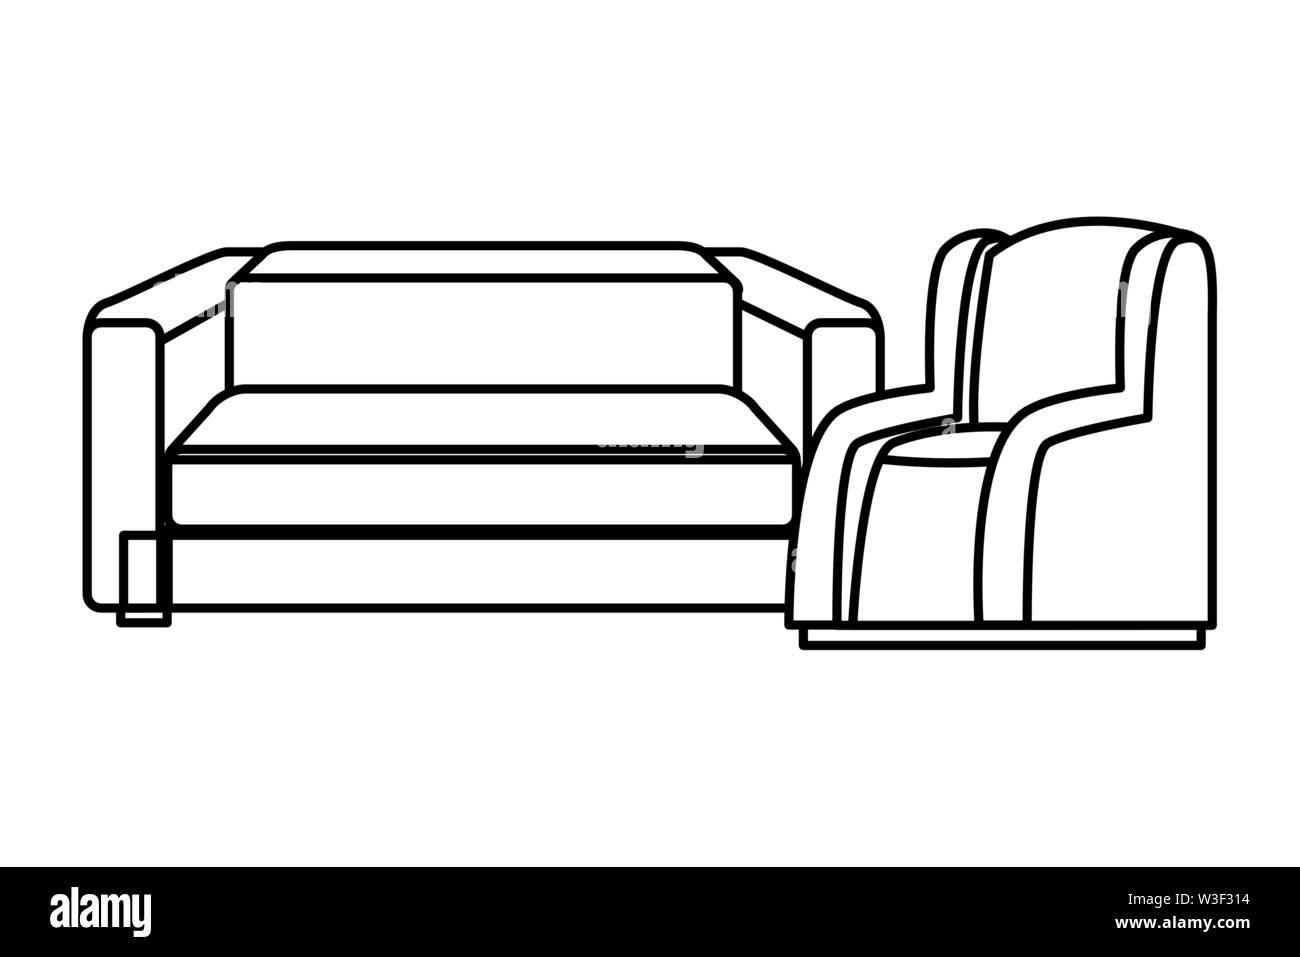 Chambre Ensemble de meubles fauteuils canapé vector illustration graphic design Photo Stock